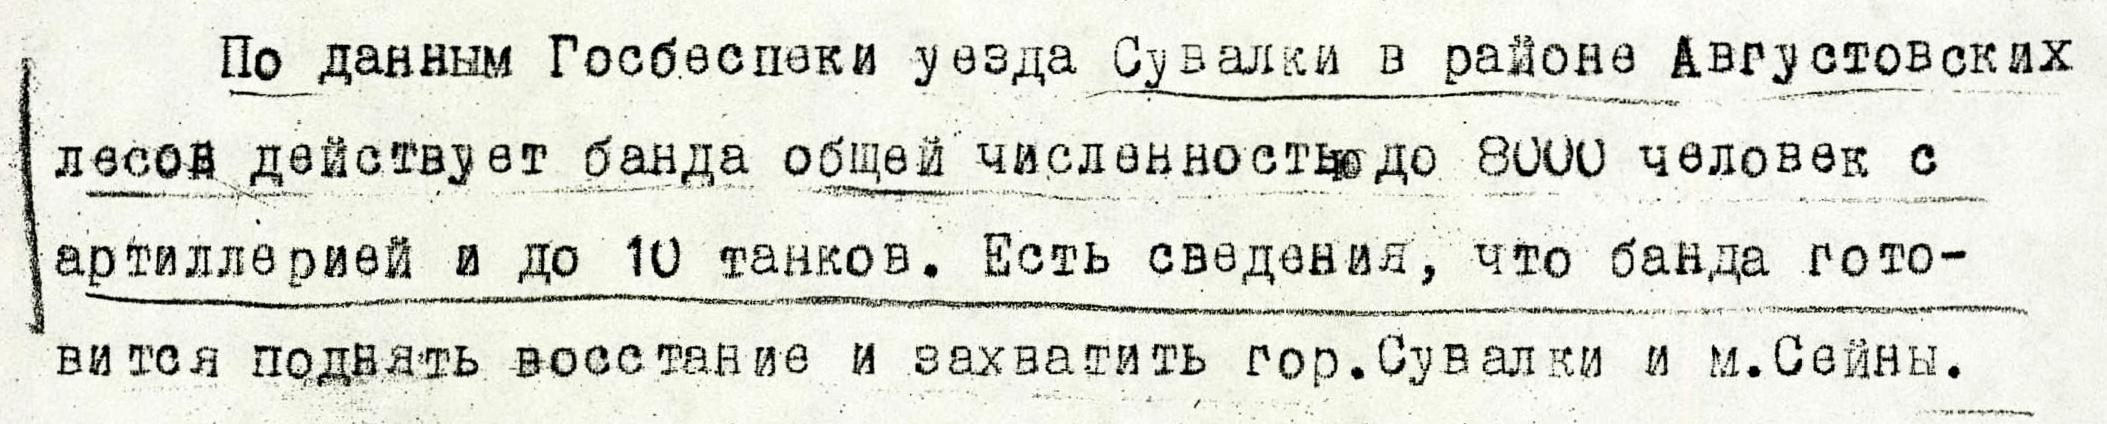 Донесение 3-го Белоруского фронта о действиях АК на территории Польши за период май-июль 1945